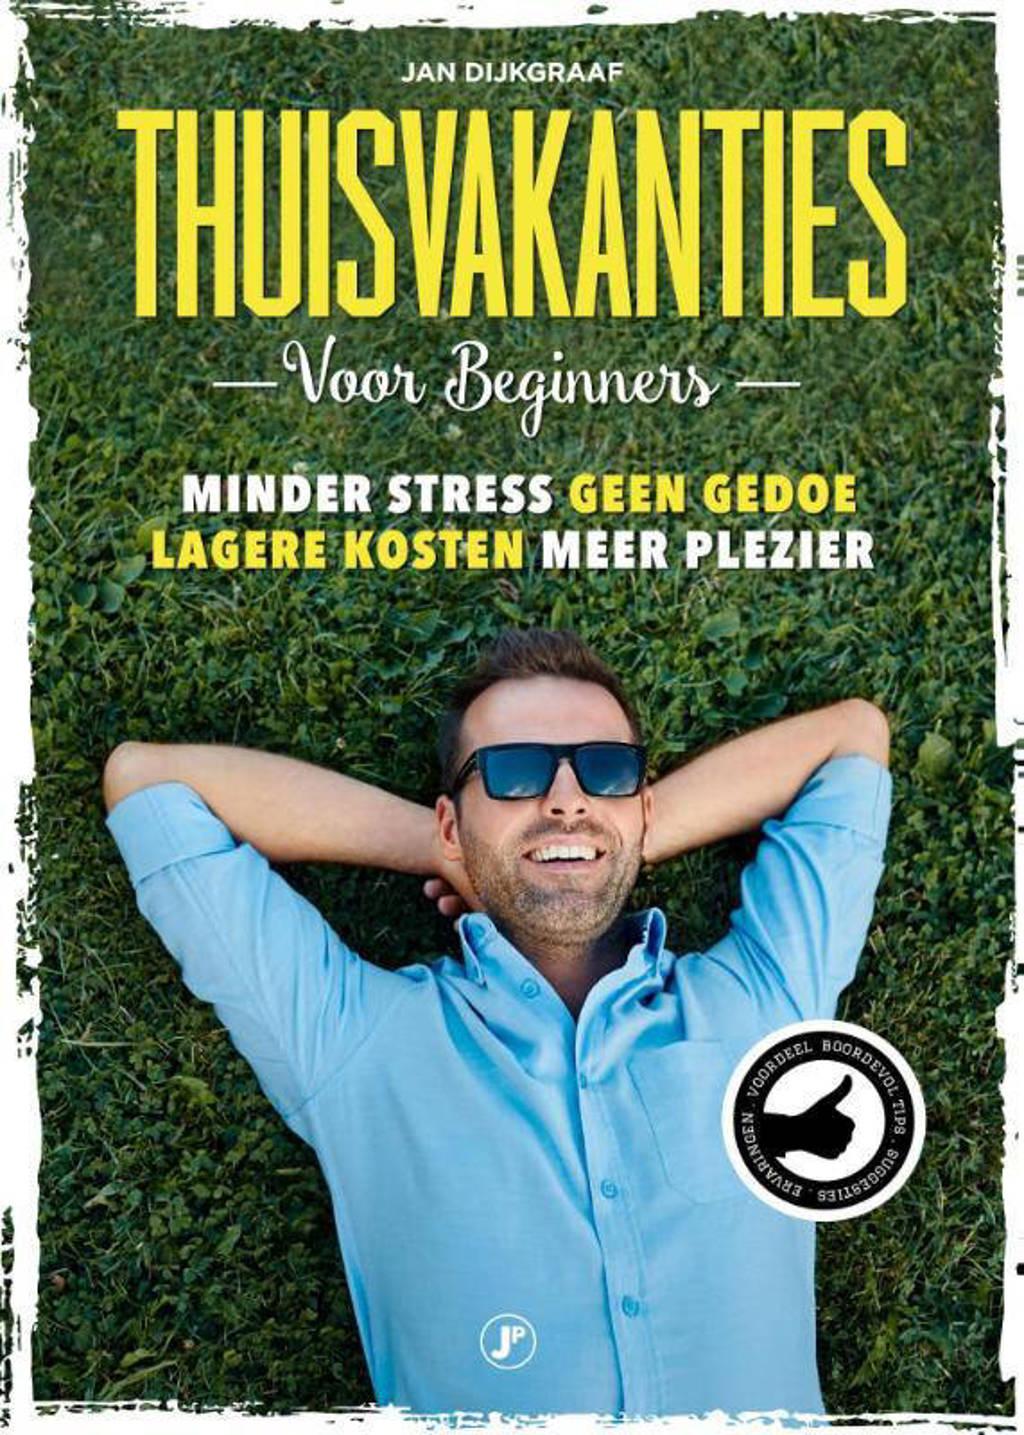 Thuisvakanties voor beginners - Jan Dijkgraaf